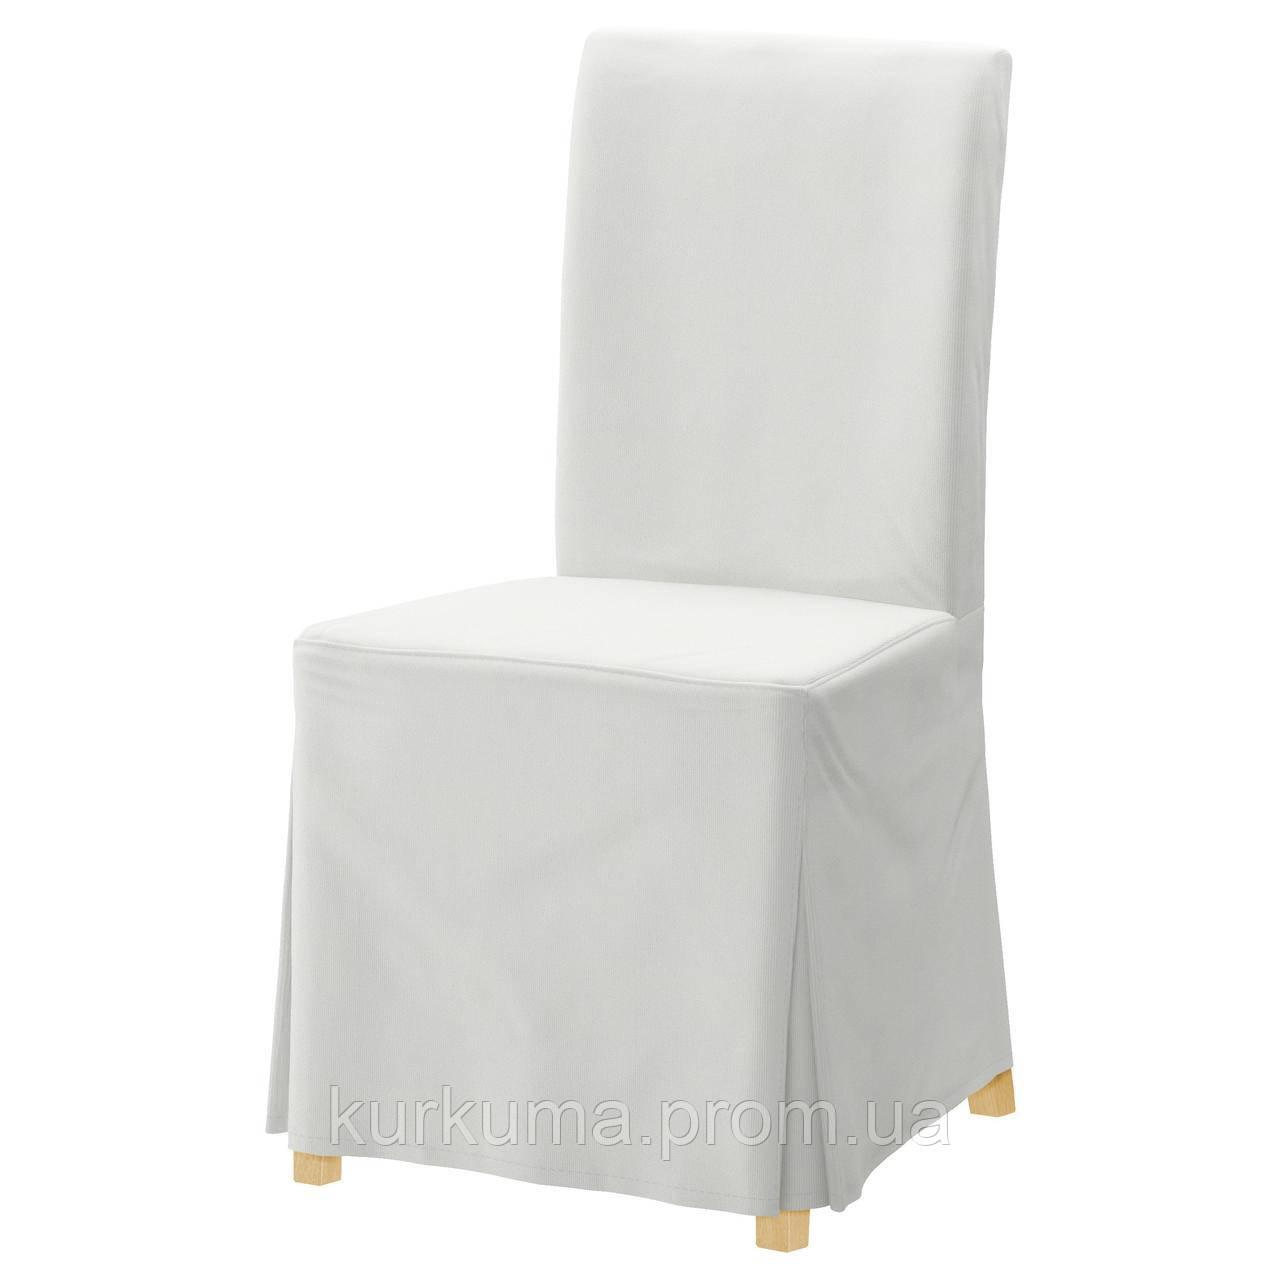 IKEA HENRIKSDAL Стул с длинным чехлом, береза, Блекинге белый  (598.500.46)